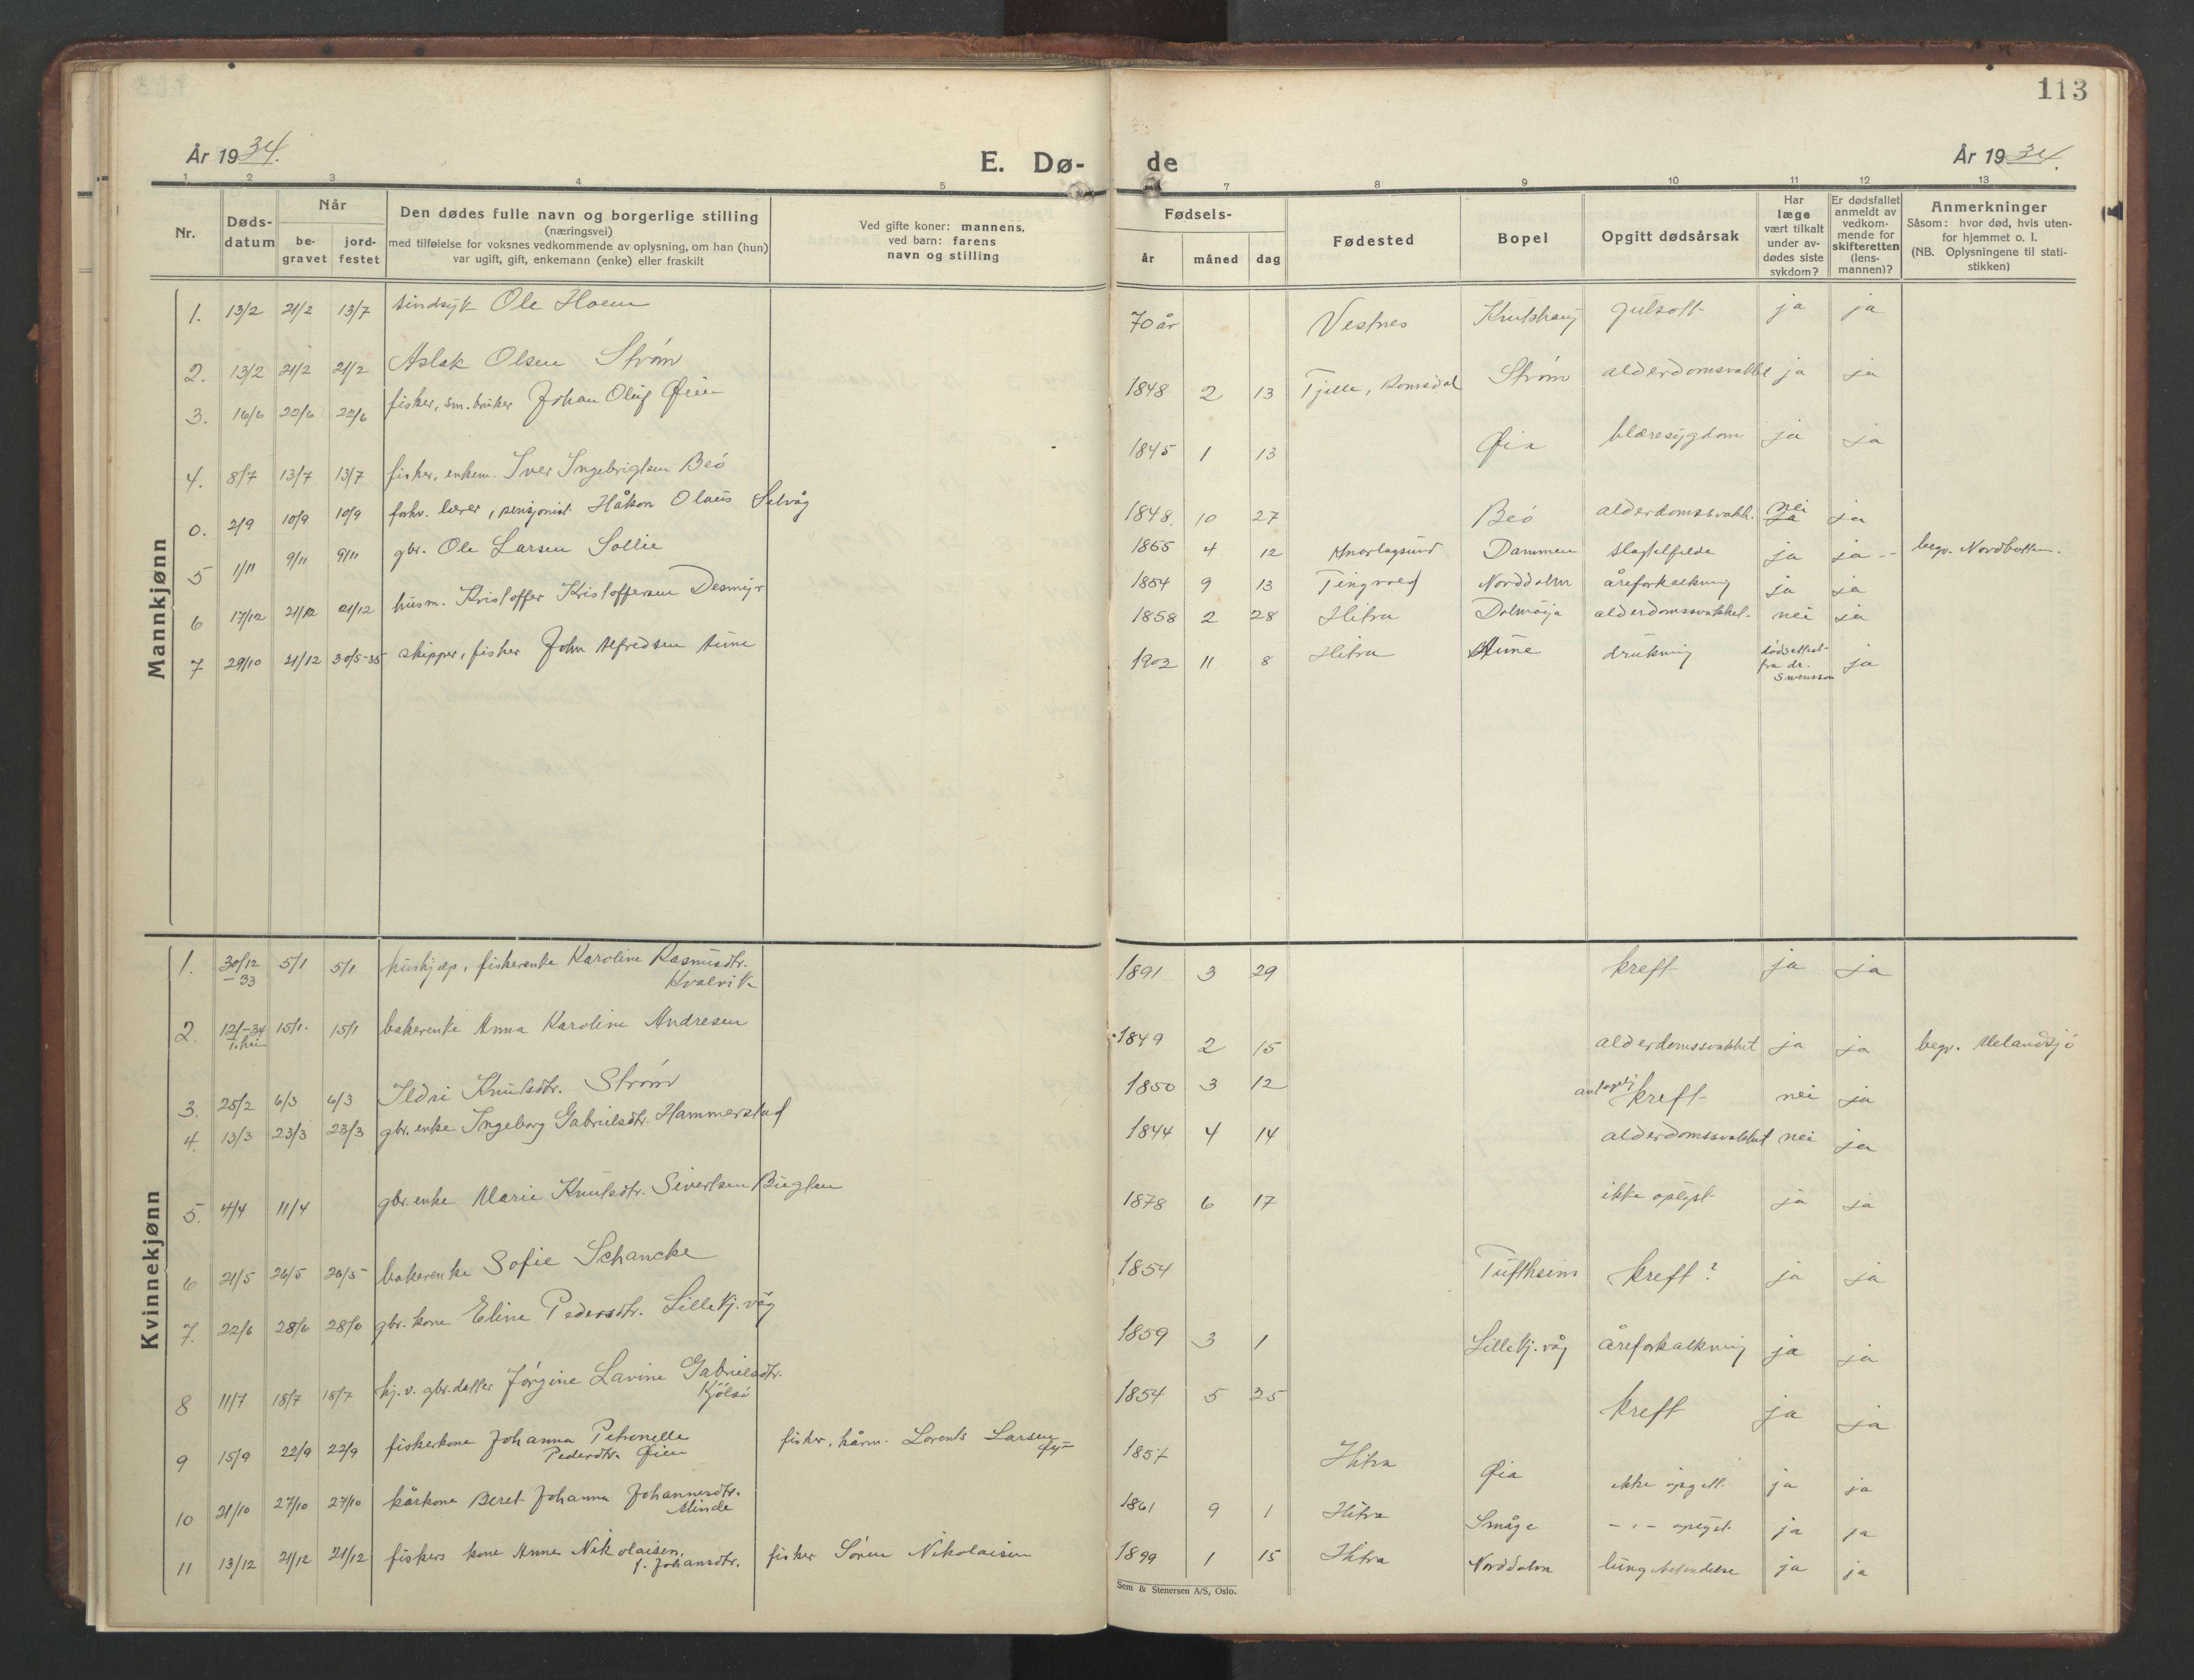 SAT, Ministerialprotokoller, klokkerbøker og fødselsregistre - Sør-Trøndelag, 634/L0544: Klokkerbok nr. 634C06, 1927-1948, s. 113